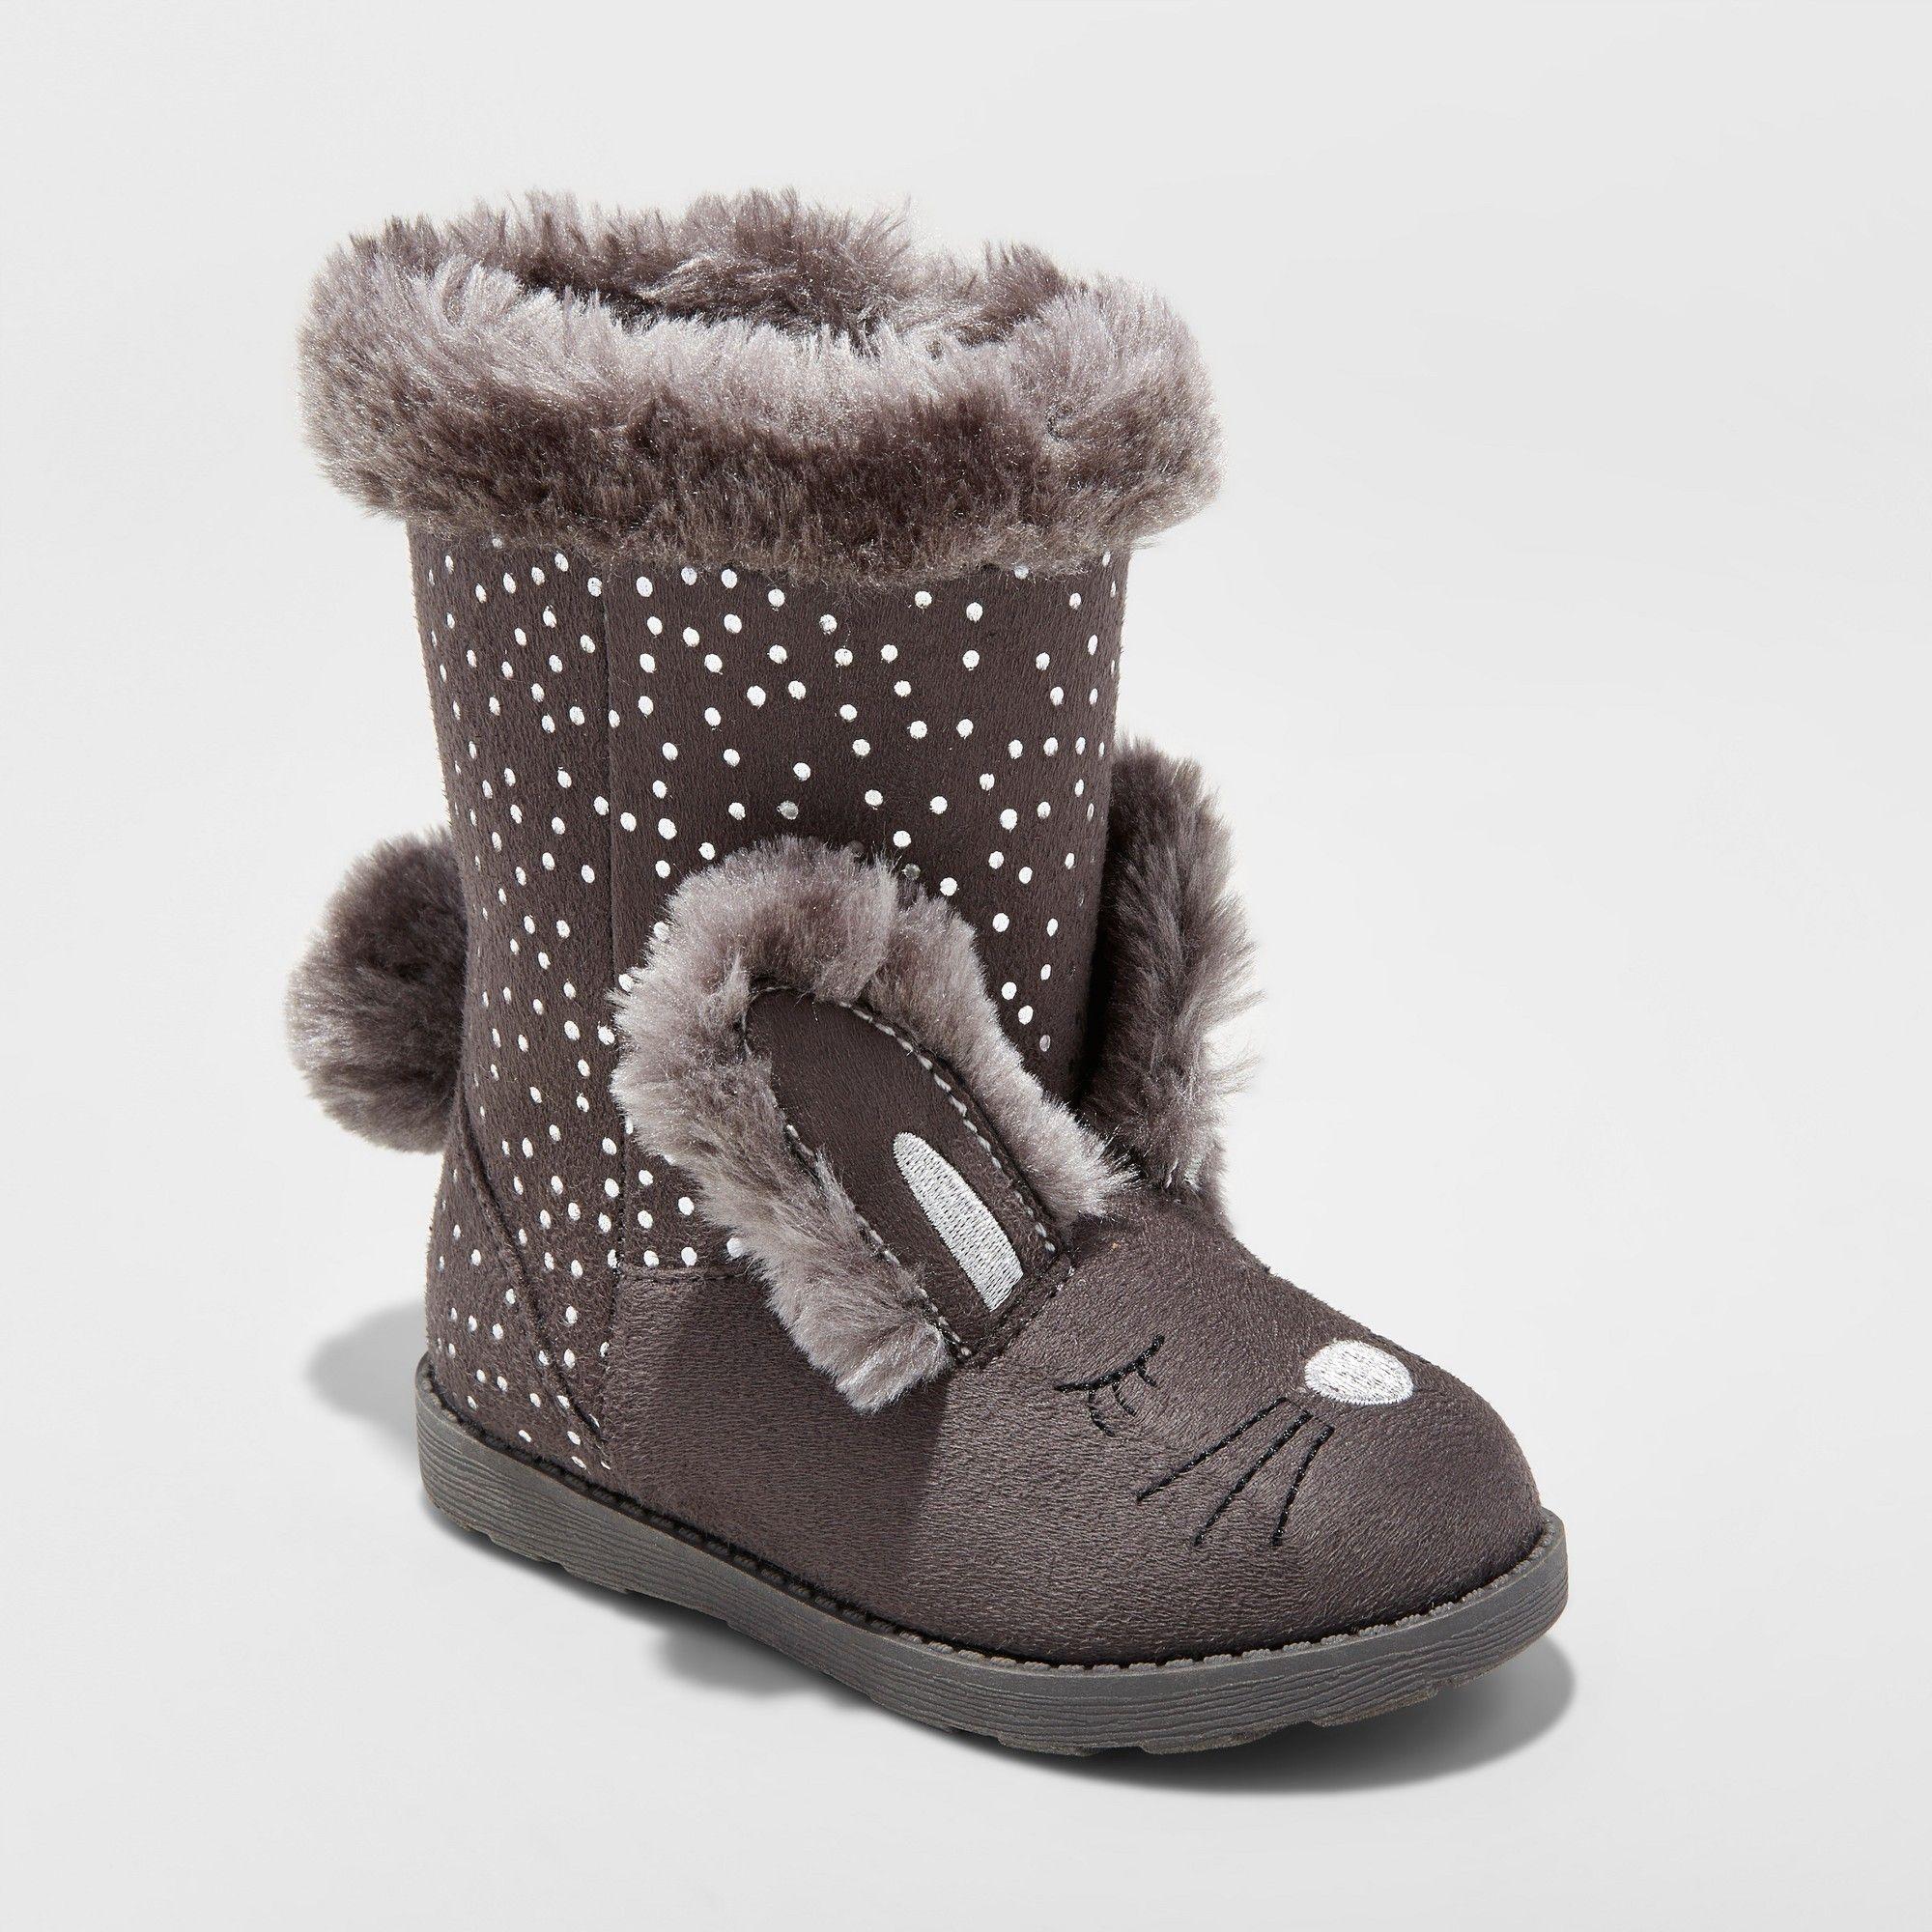 Toddler Girls' Kori Bunny Cozy Fashion